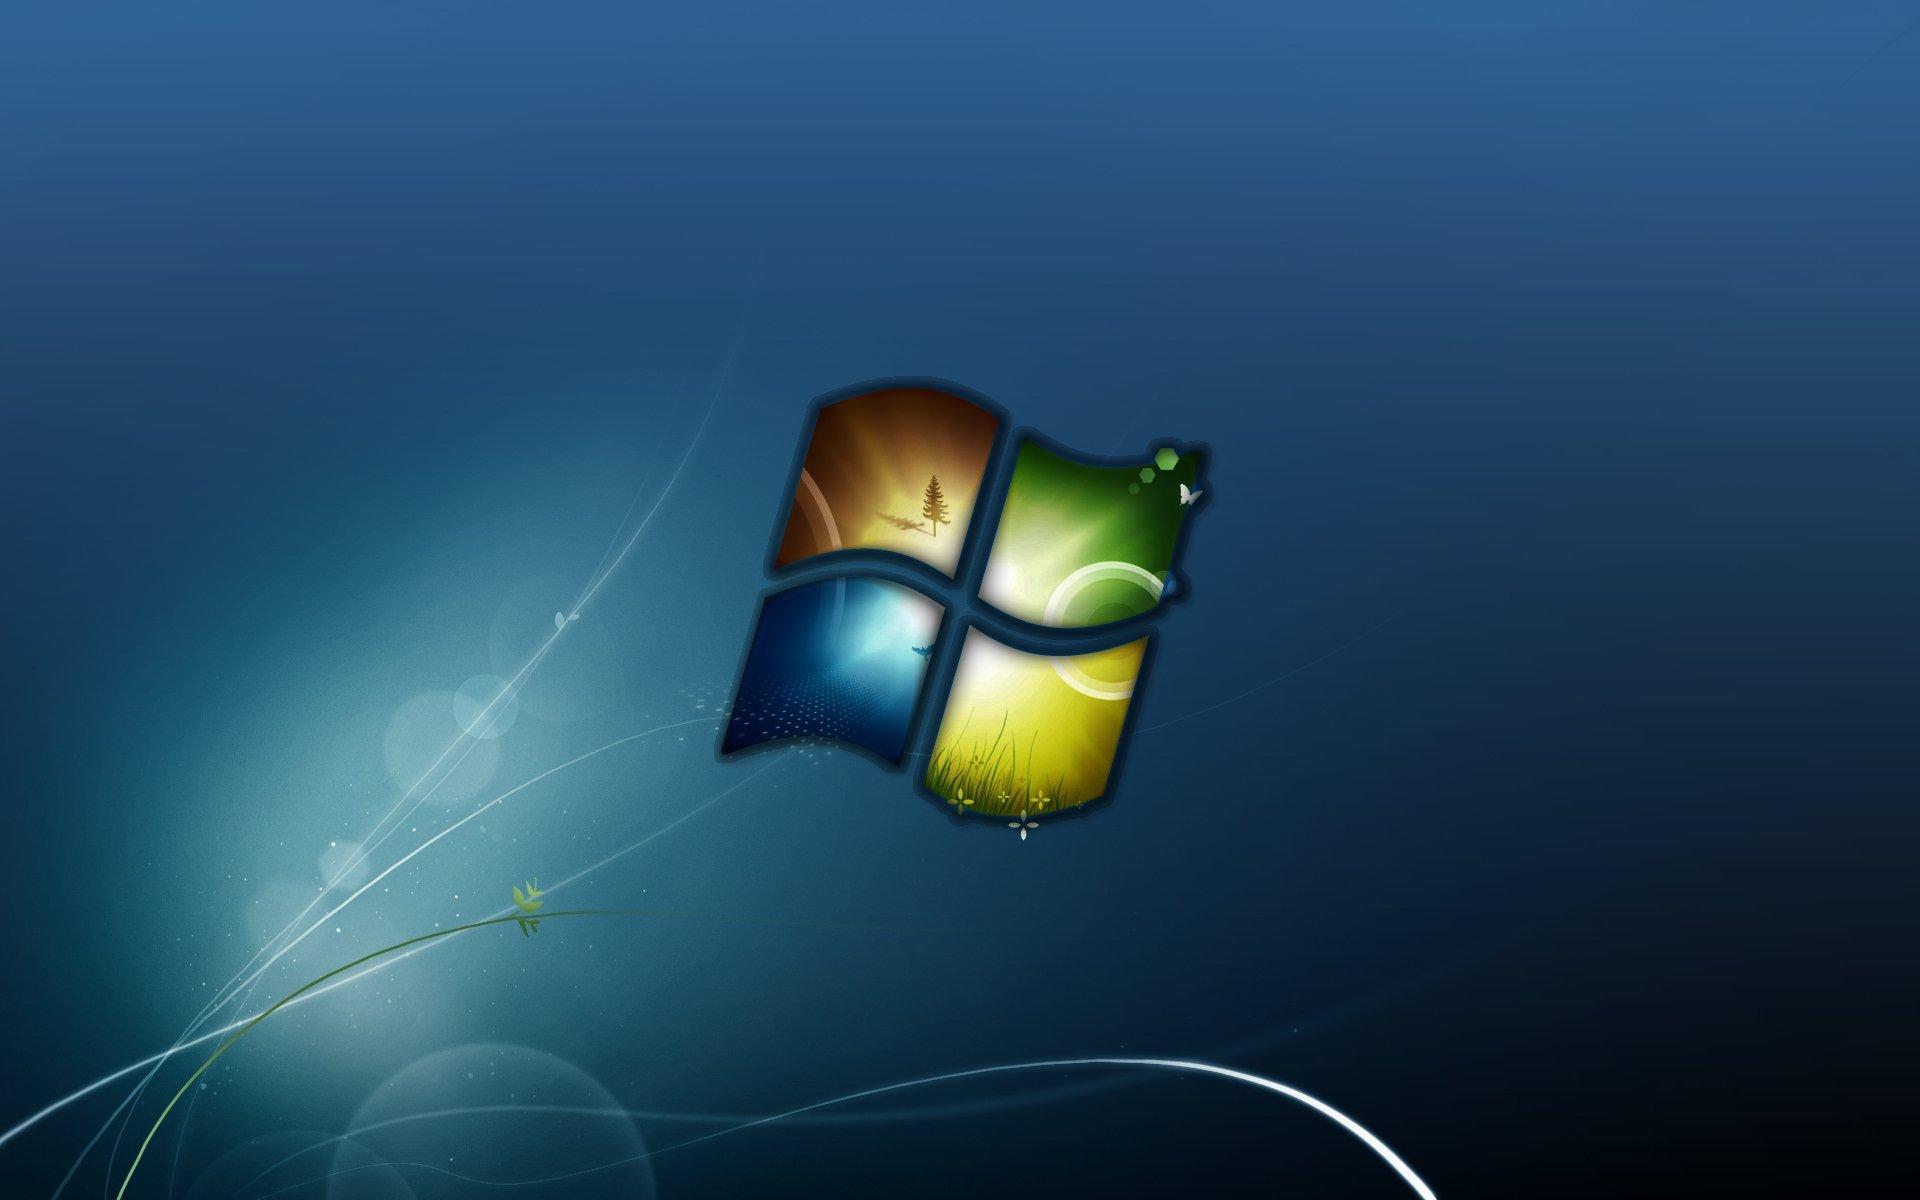 Windows logo wallpaper 1920x1200 275189 WallpaperUP 1920x1200